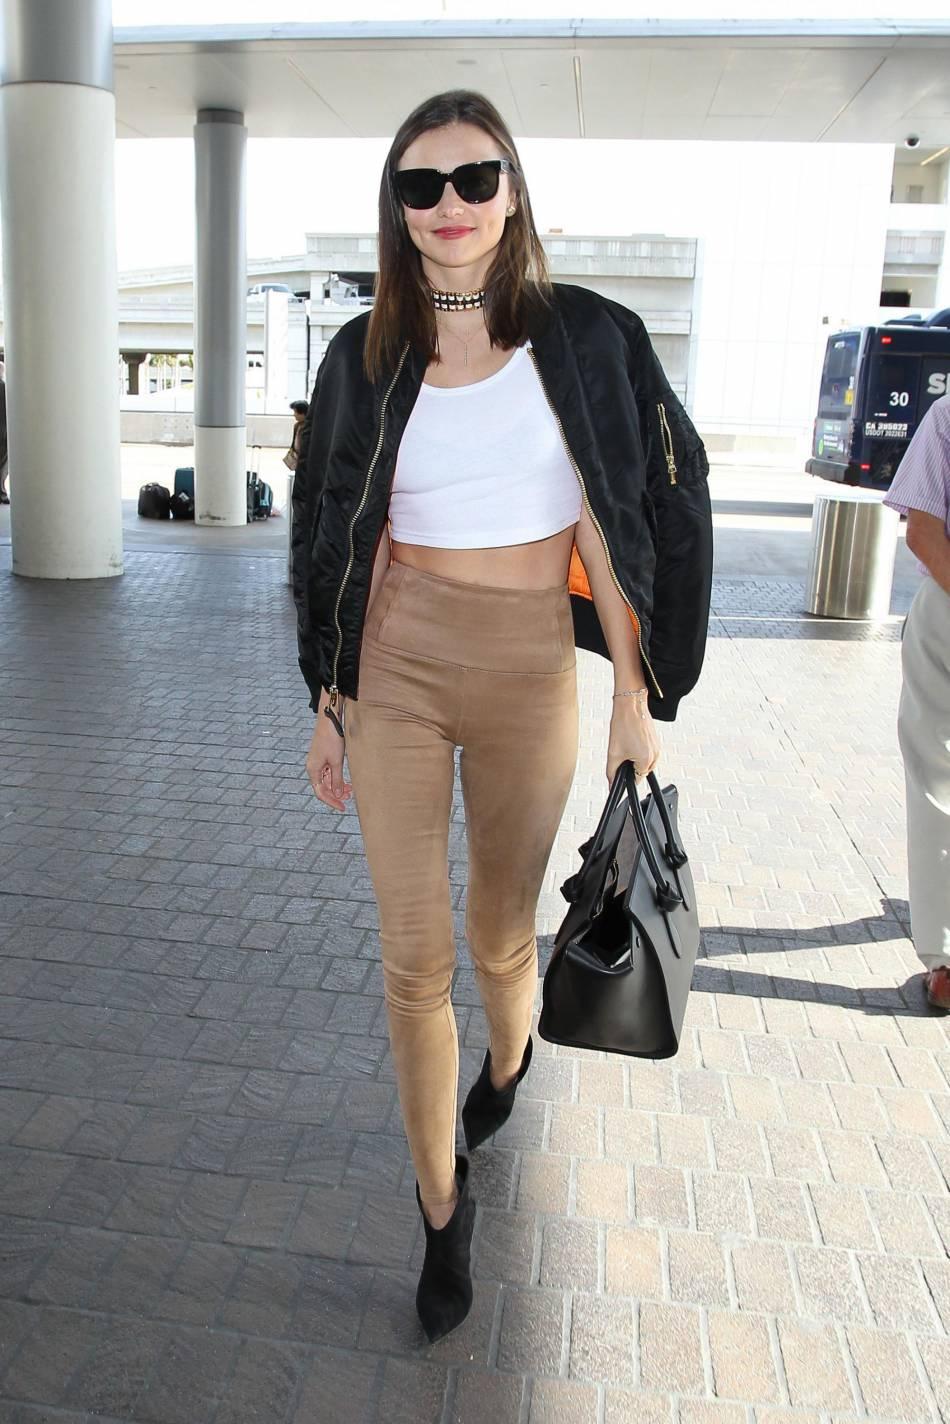 Miranda Kerr traverse l'aéroport de Los Angeles comme si elle était en train de défiler. Un sans faute !